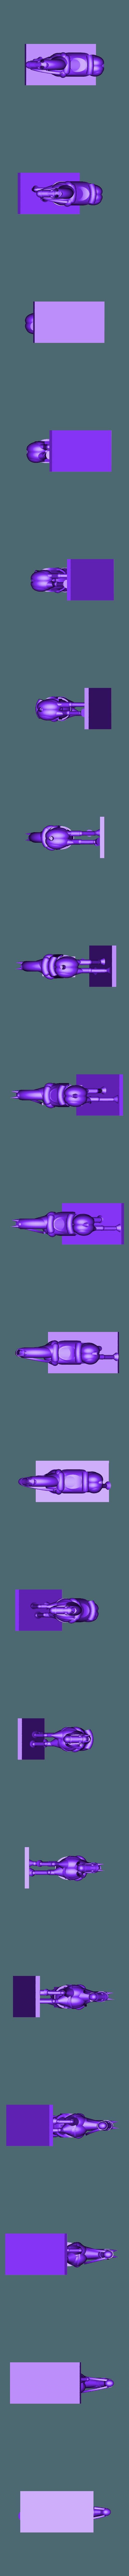 mk3_aus_huss_horse2_1.stl Télécharger fichier STL gratuit Napoléonique - Partie 20 - Hussards autrichiens • Design pour impression 3D, Earsling